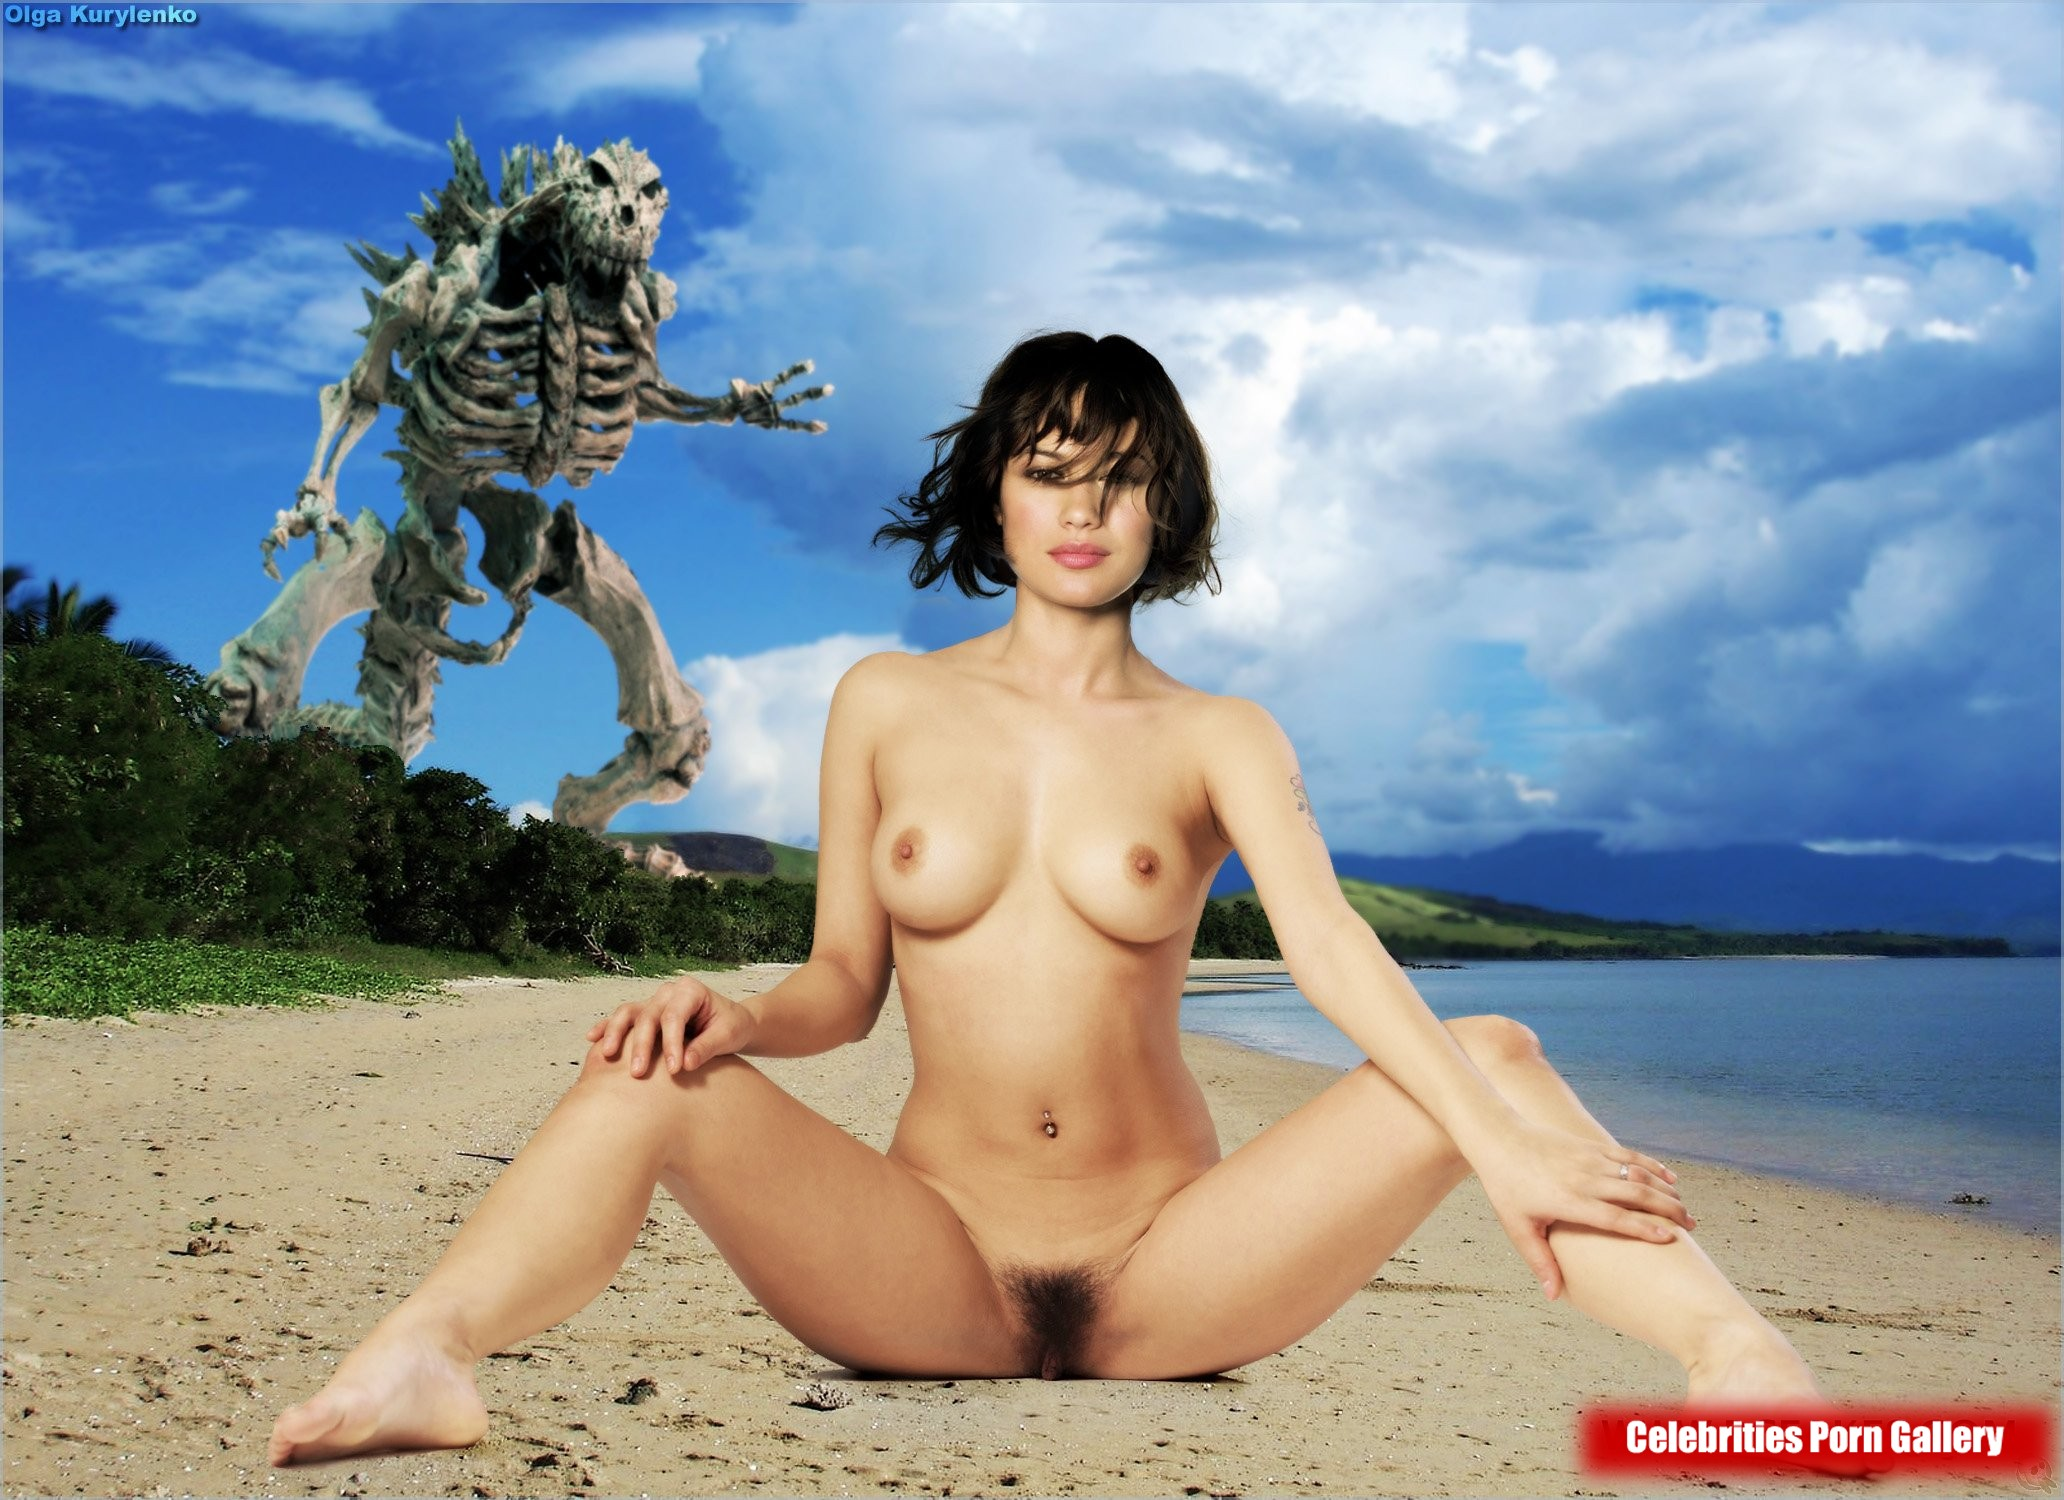 Ольга дыховичная порно